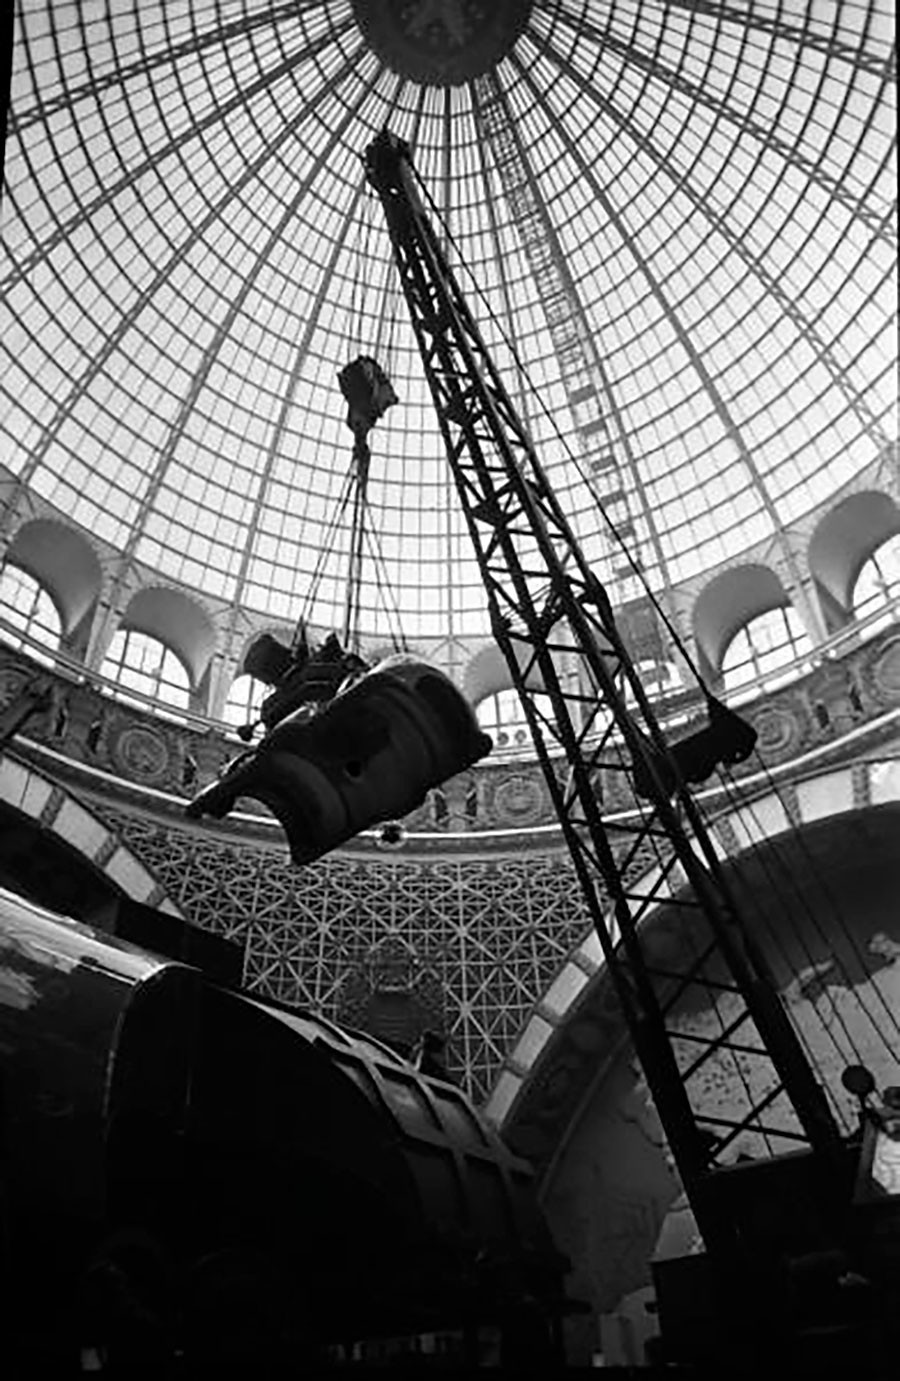 L'assemblage de l'exposition industrielle pansovétique à Moscou, années 1950